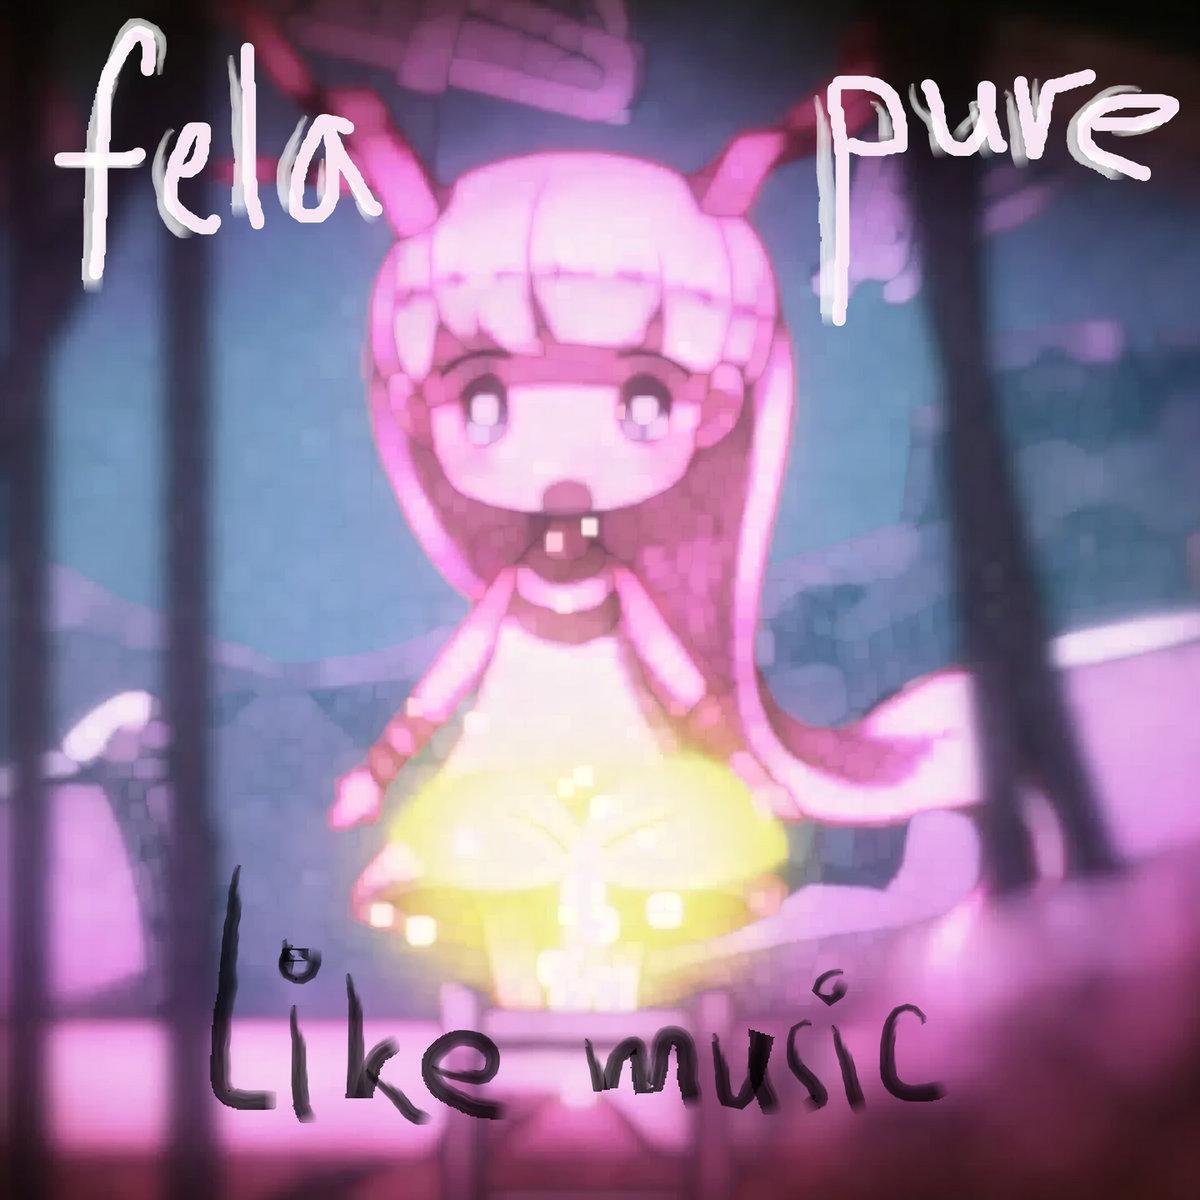 fella pure download